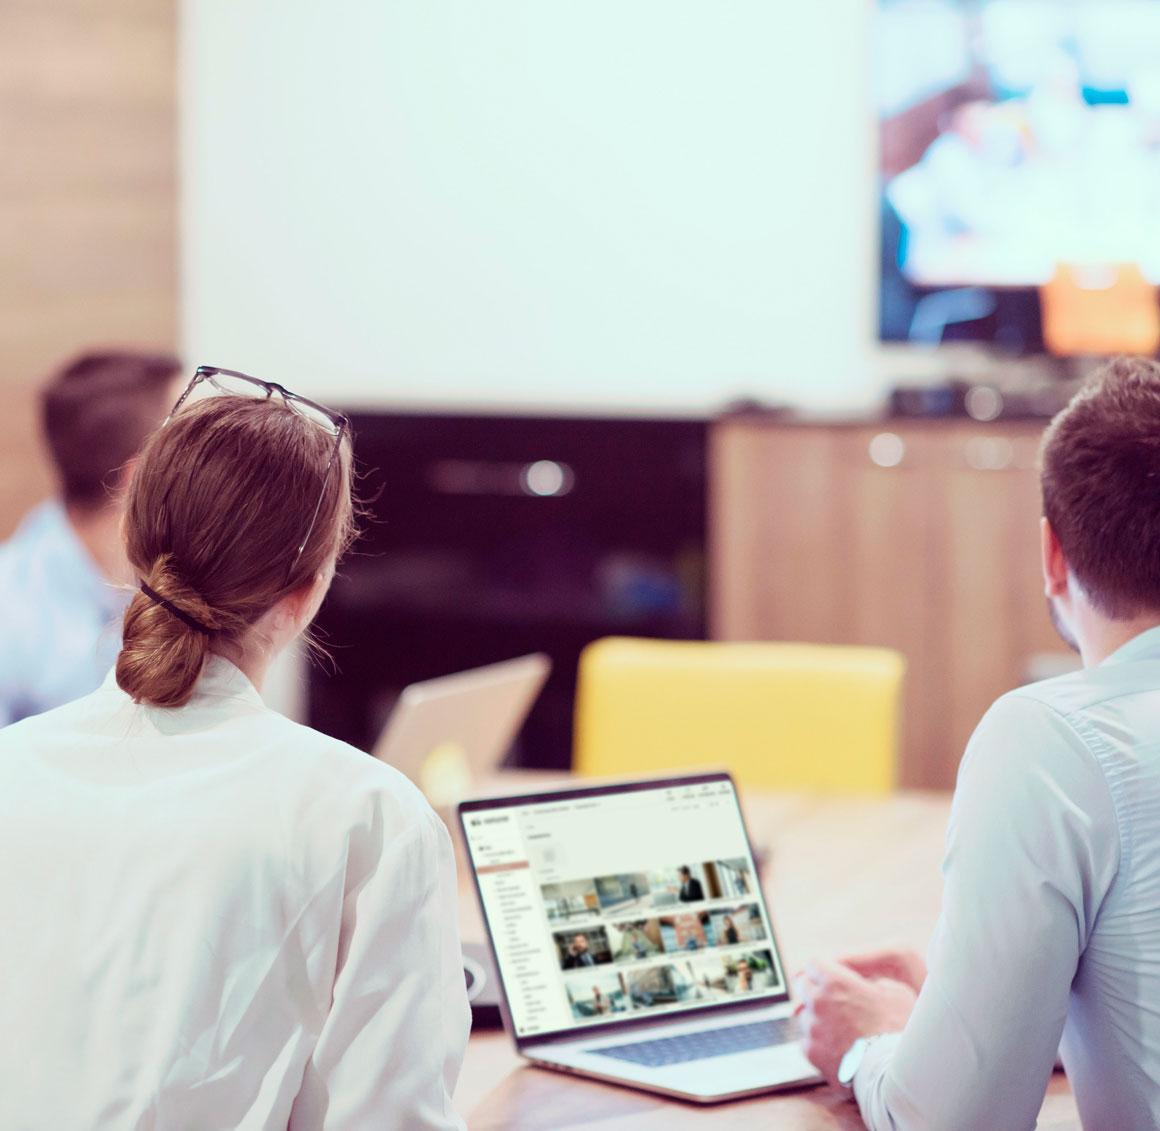 Kontainer - Digital Asset Management